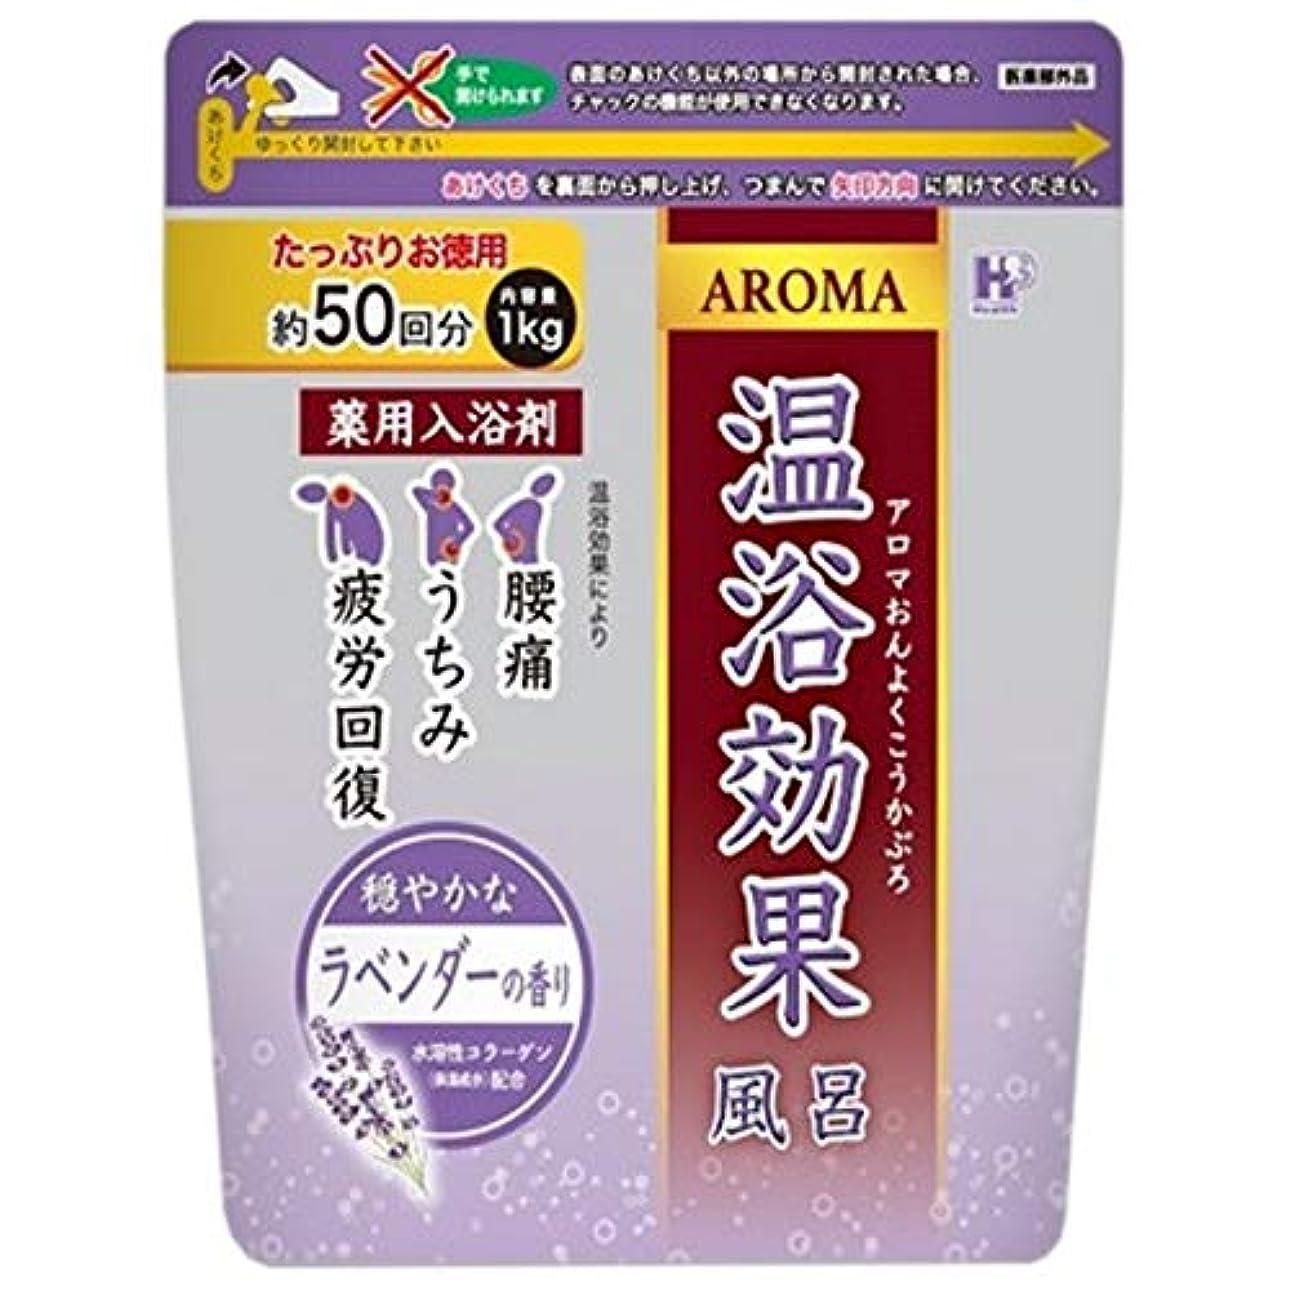 きゅうりどこかペストリー薬用入浴剤 アロマ温浴効果風呂 ラベンダー 1kg×10袋入